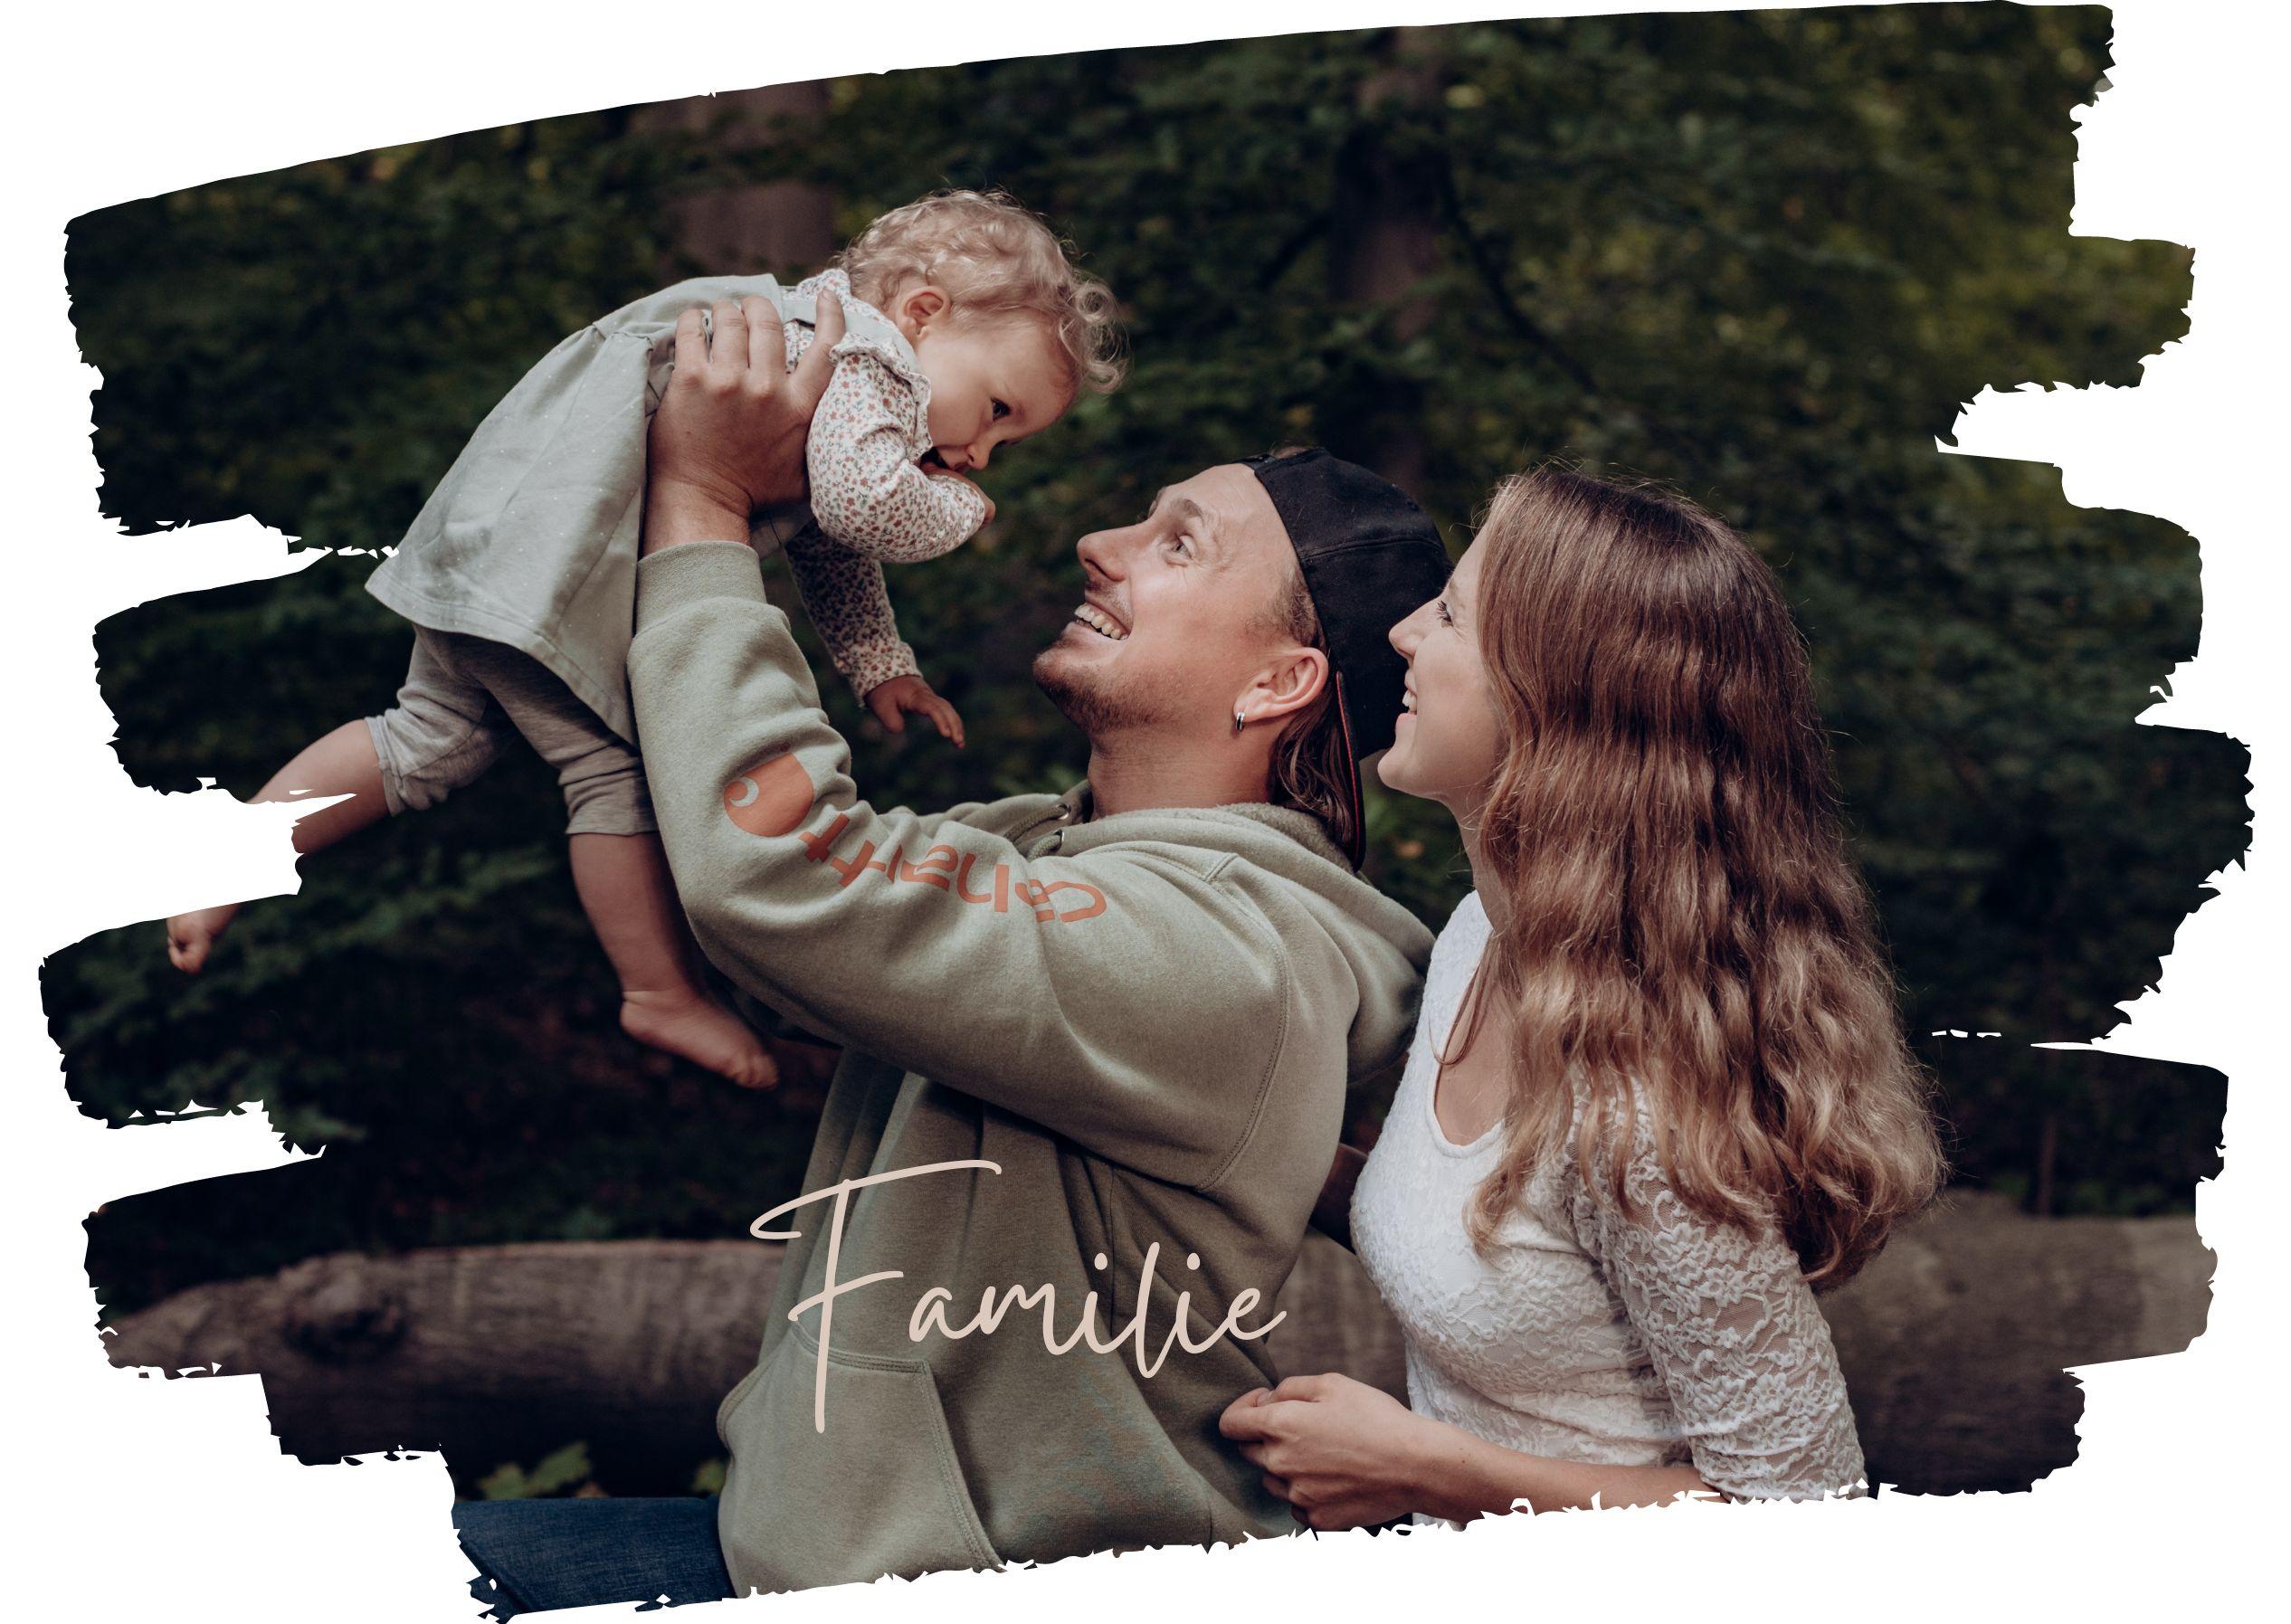 Kinderfotograf Kinderfotografie Kinderfotos Kinderbilder Kinderfotoshooting Kinder Familienfotograf Familienfotografie Familienfotos Familienbilder Familienfotoshooting Familie